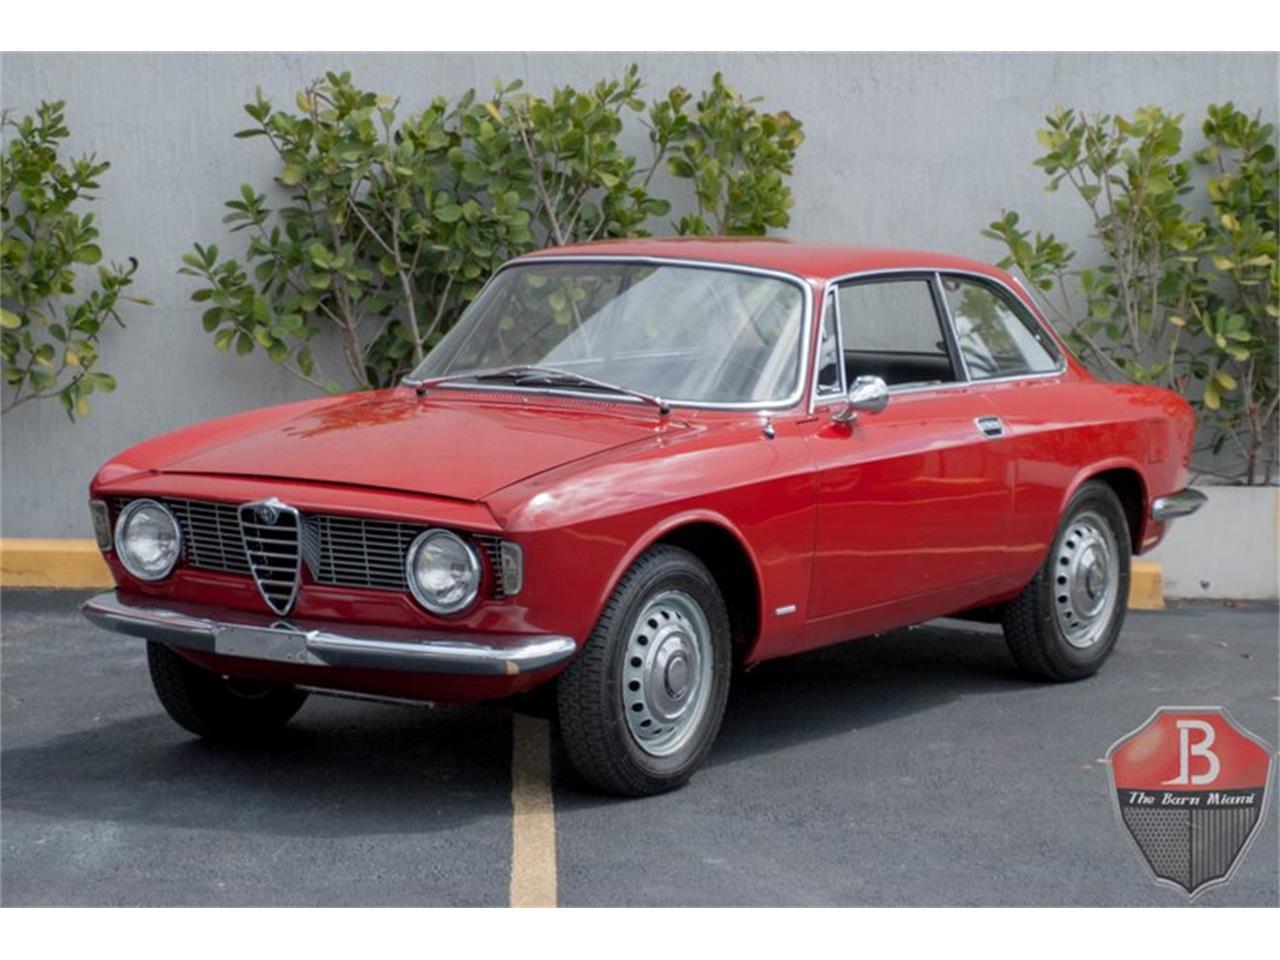 1965 alfa romeo giulietta spider for sale   classiccars   cc-1082316